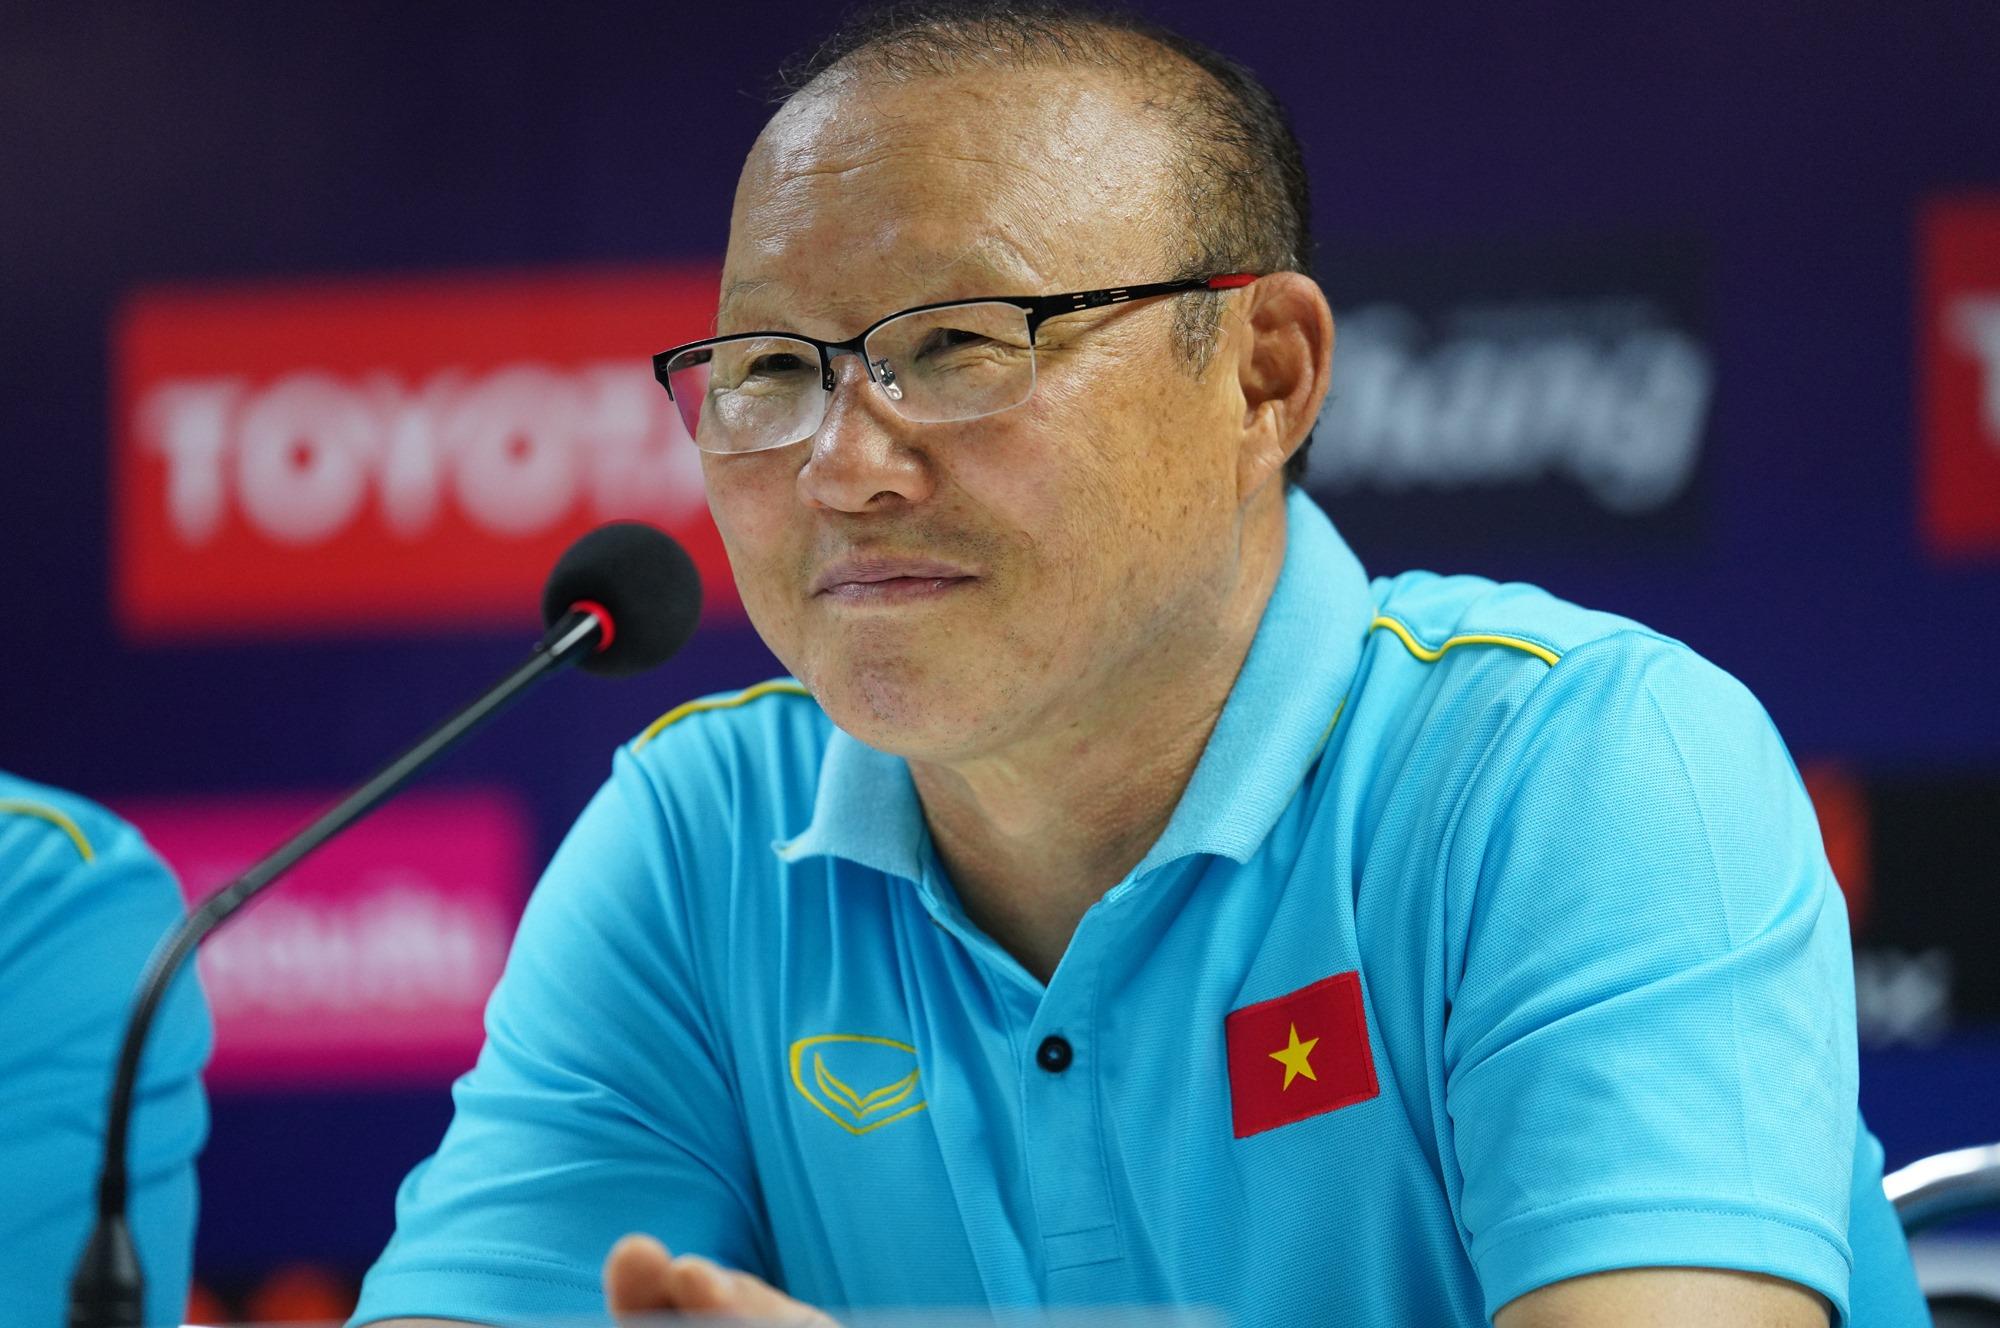 HLV Park Hang-seo cảm ơn sự nỗ lực của các học trò sau trận hòa trên sân Thái Lan